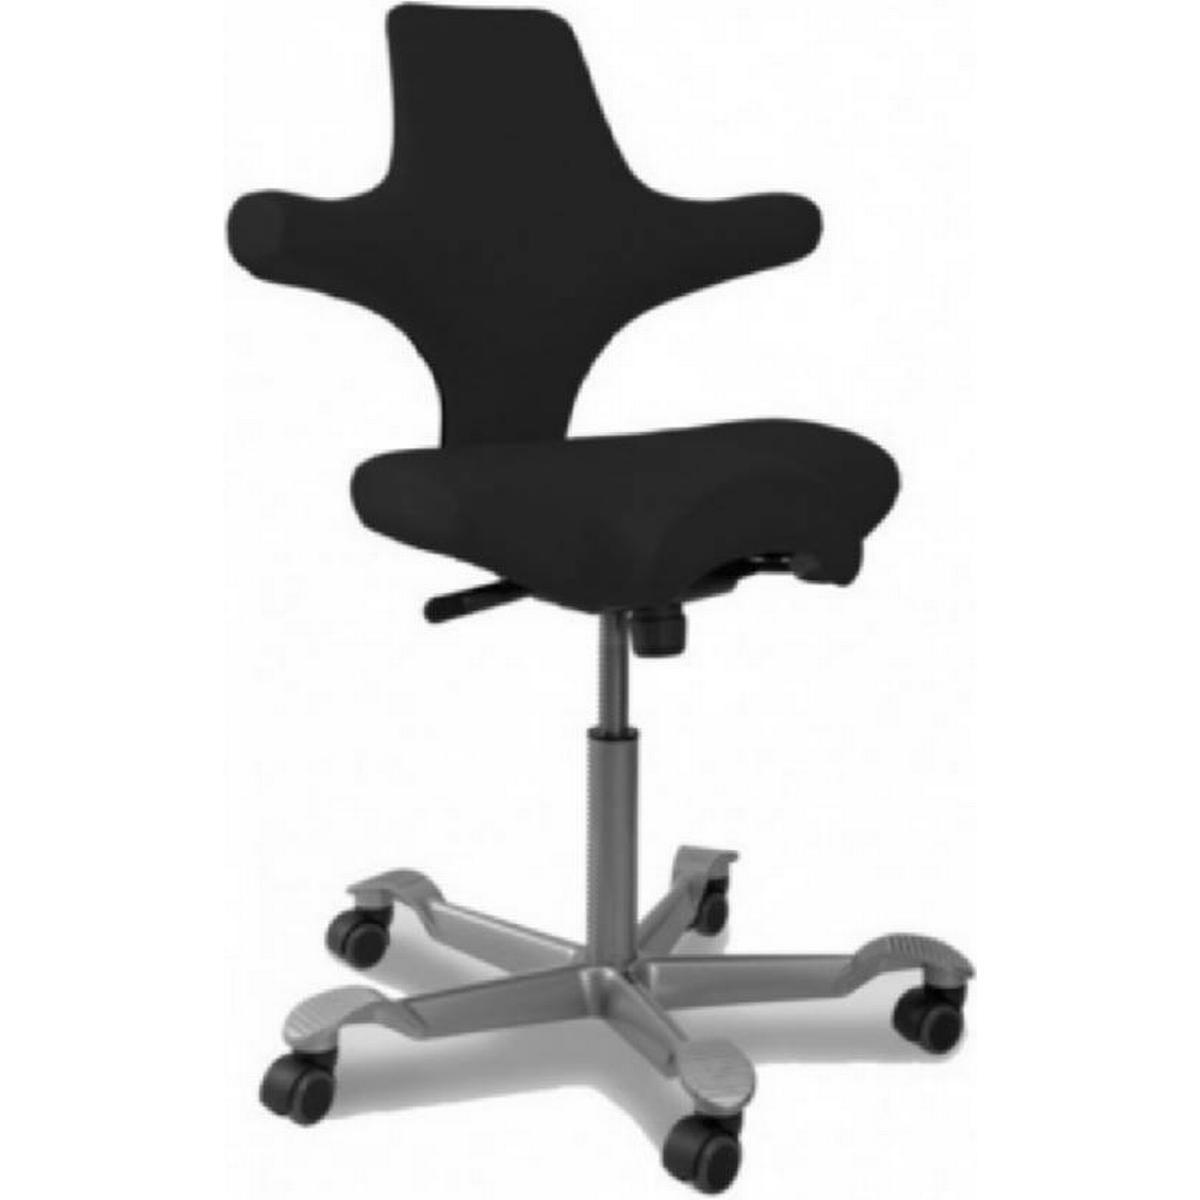 Højmoderne Kontorstol - Sammenlign priser på kontorstole hos PriceRunner OR-55